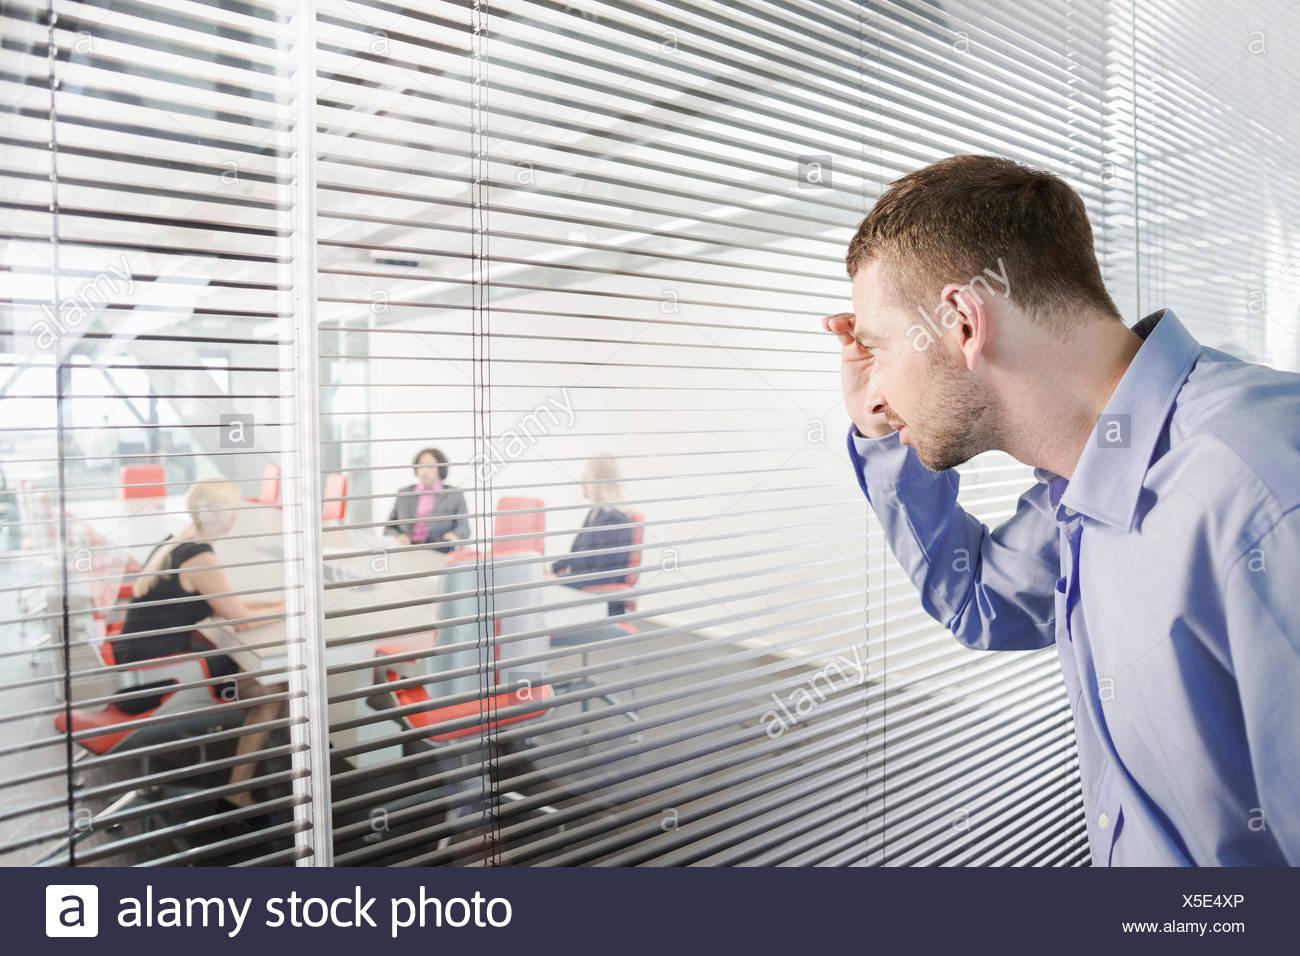 Man peering through window blinds - Stock Image